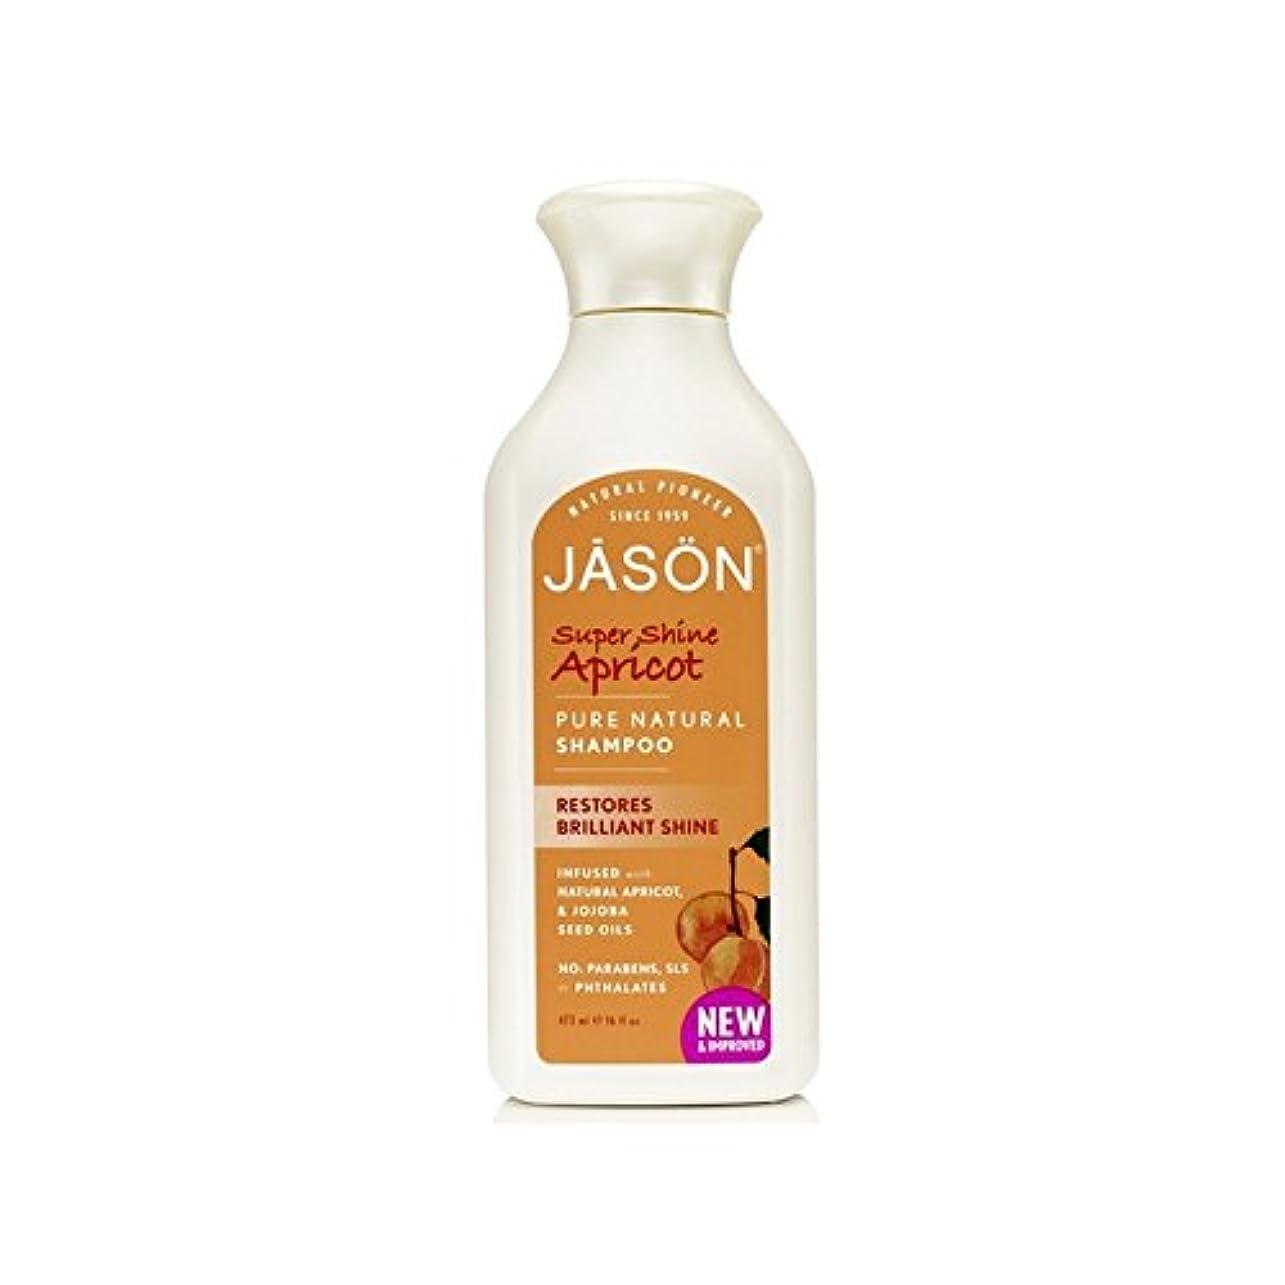 区別ジャーナル責めJason Organic Apricot Shampoo (473ml) - ジェイソン有機アプリコットシャンプー(473ミリリットル) [並行輸入品]